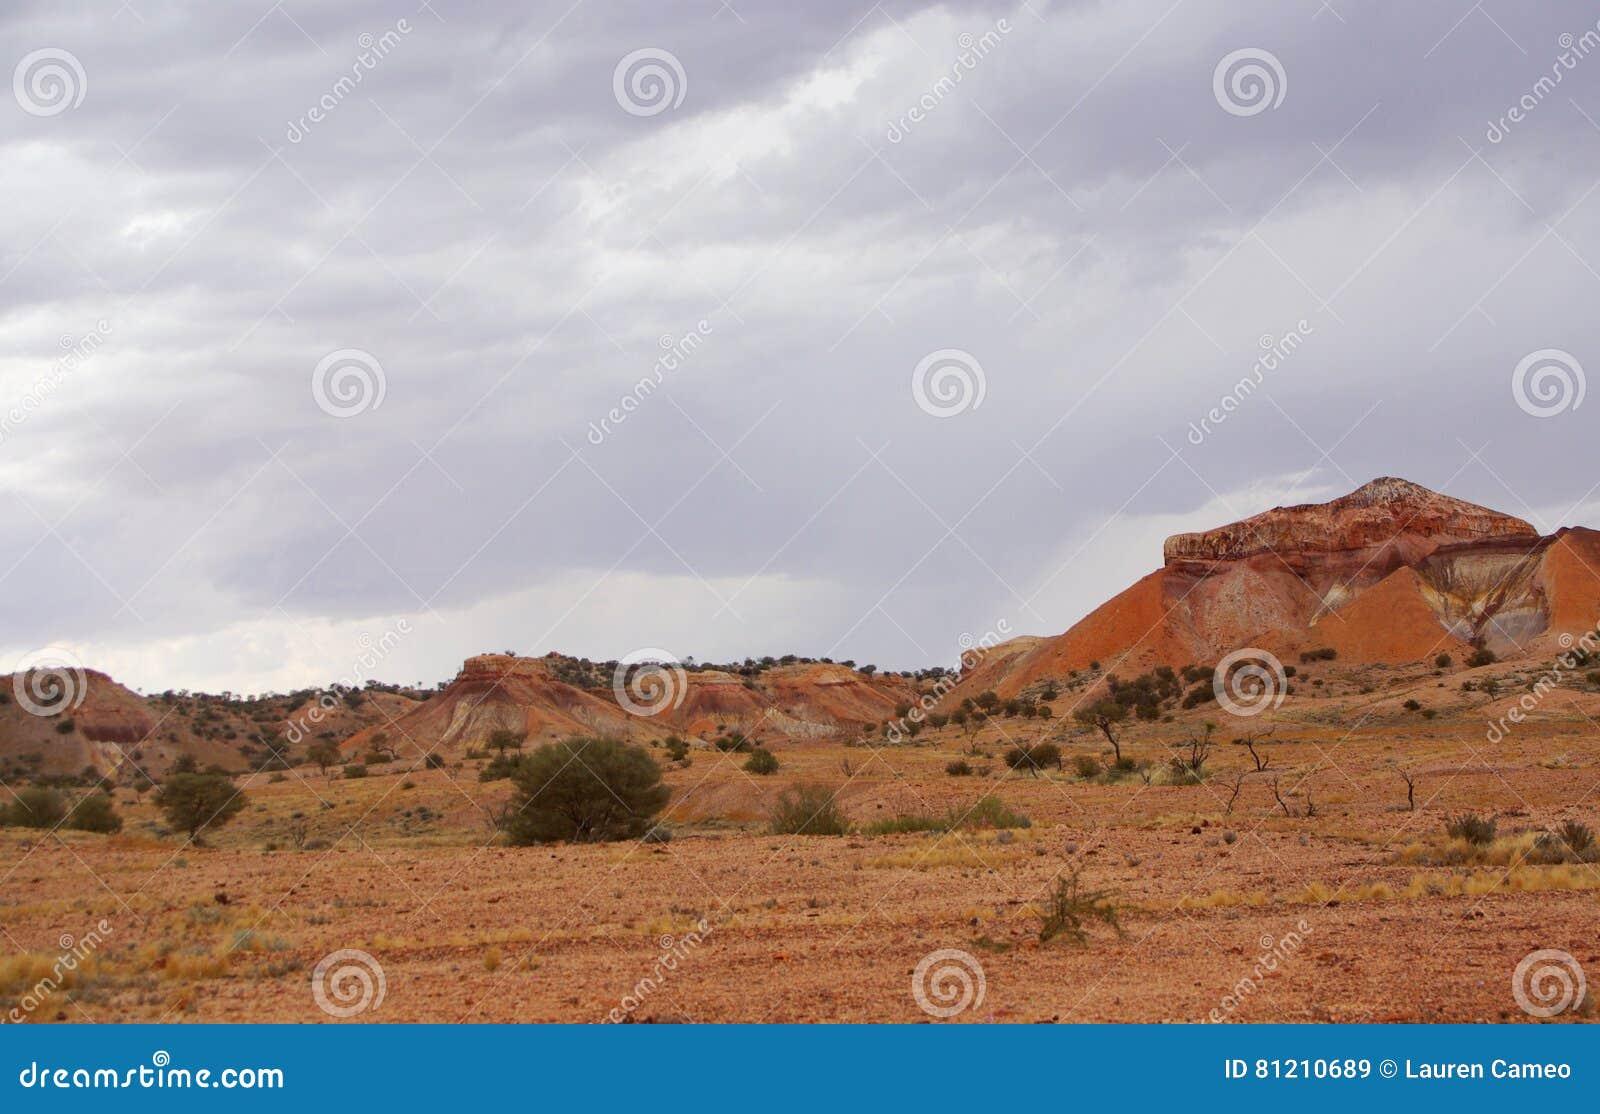 Deserto pintado durante uma tempestade da chuva